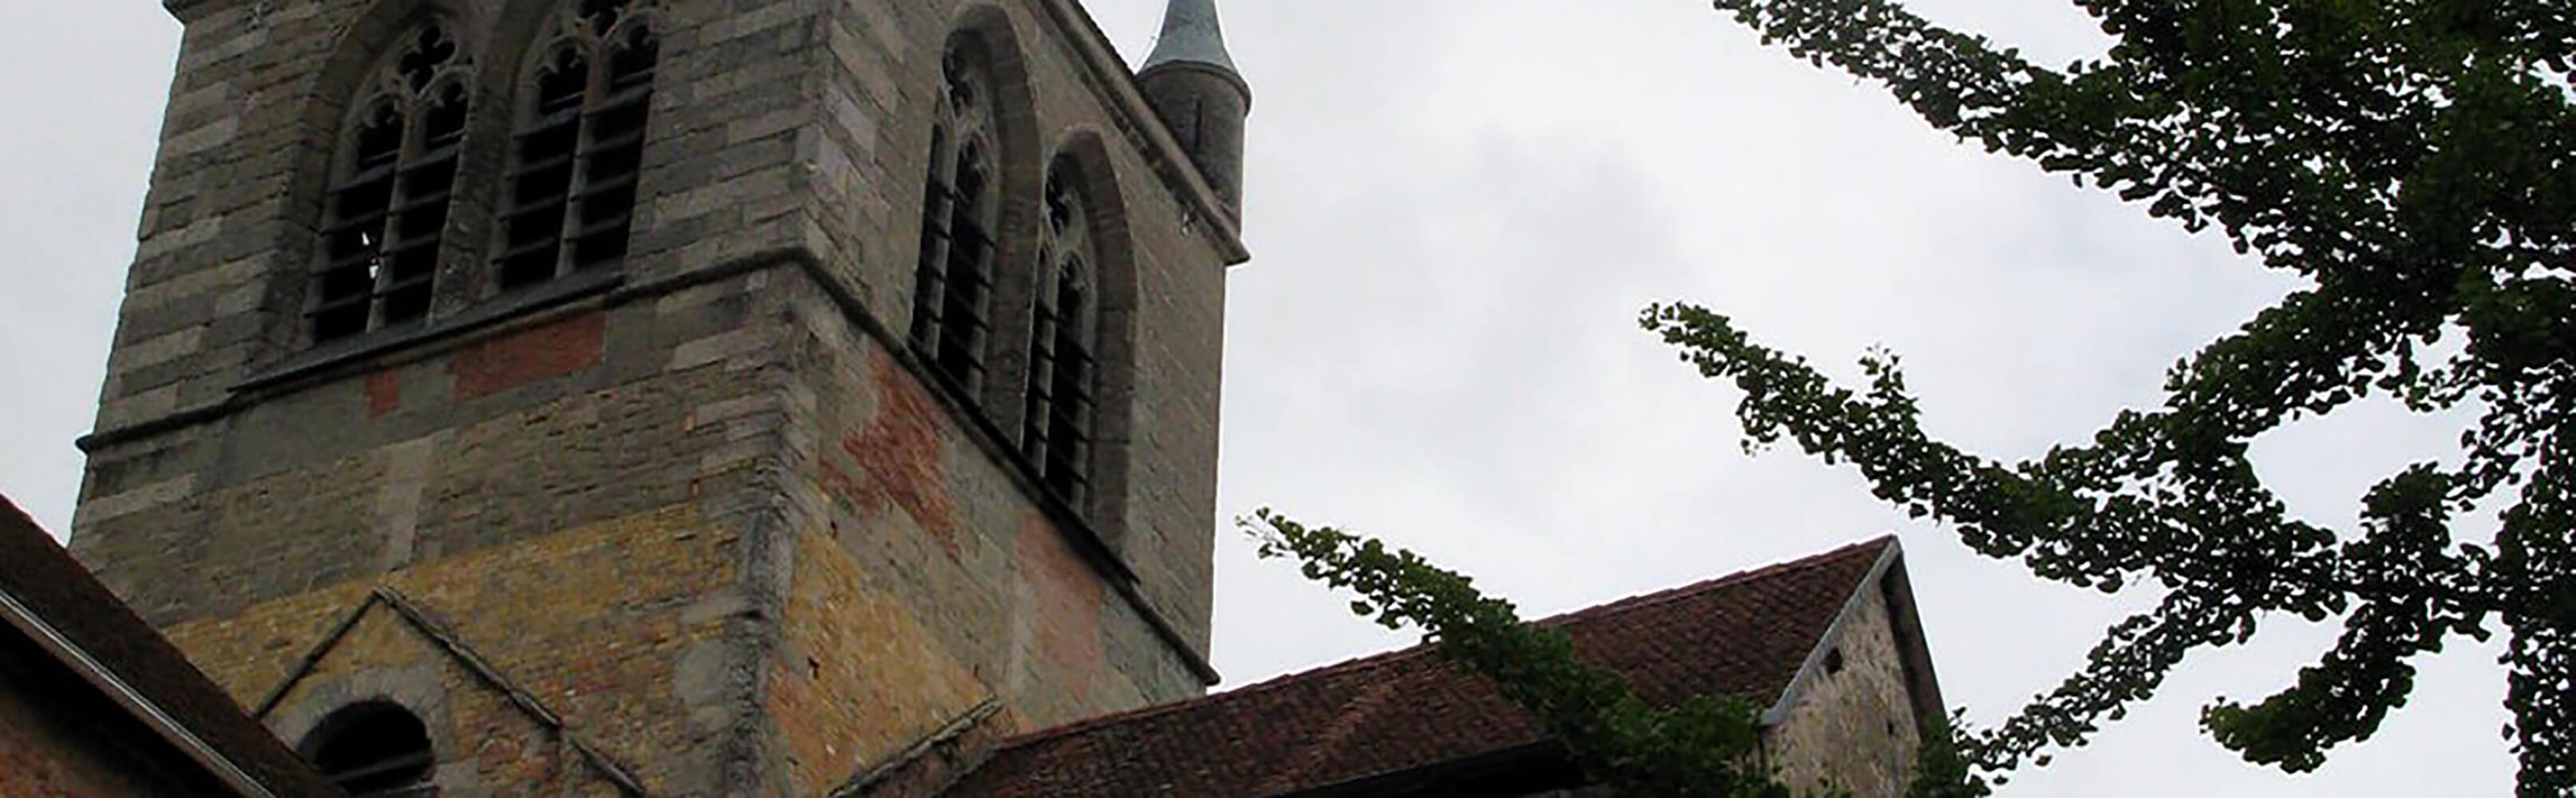 Abteikirche aus dem 11. Jahrhundert 1